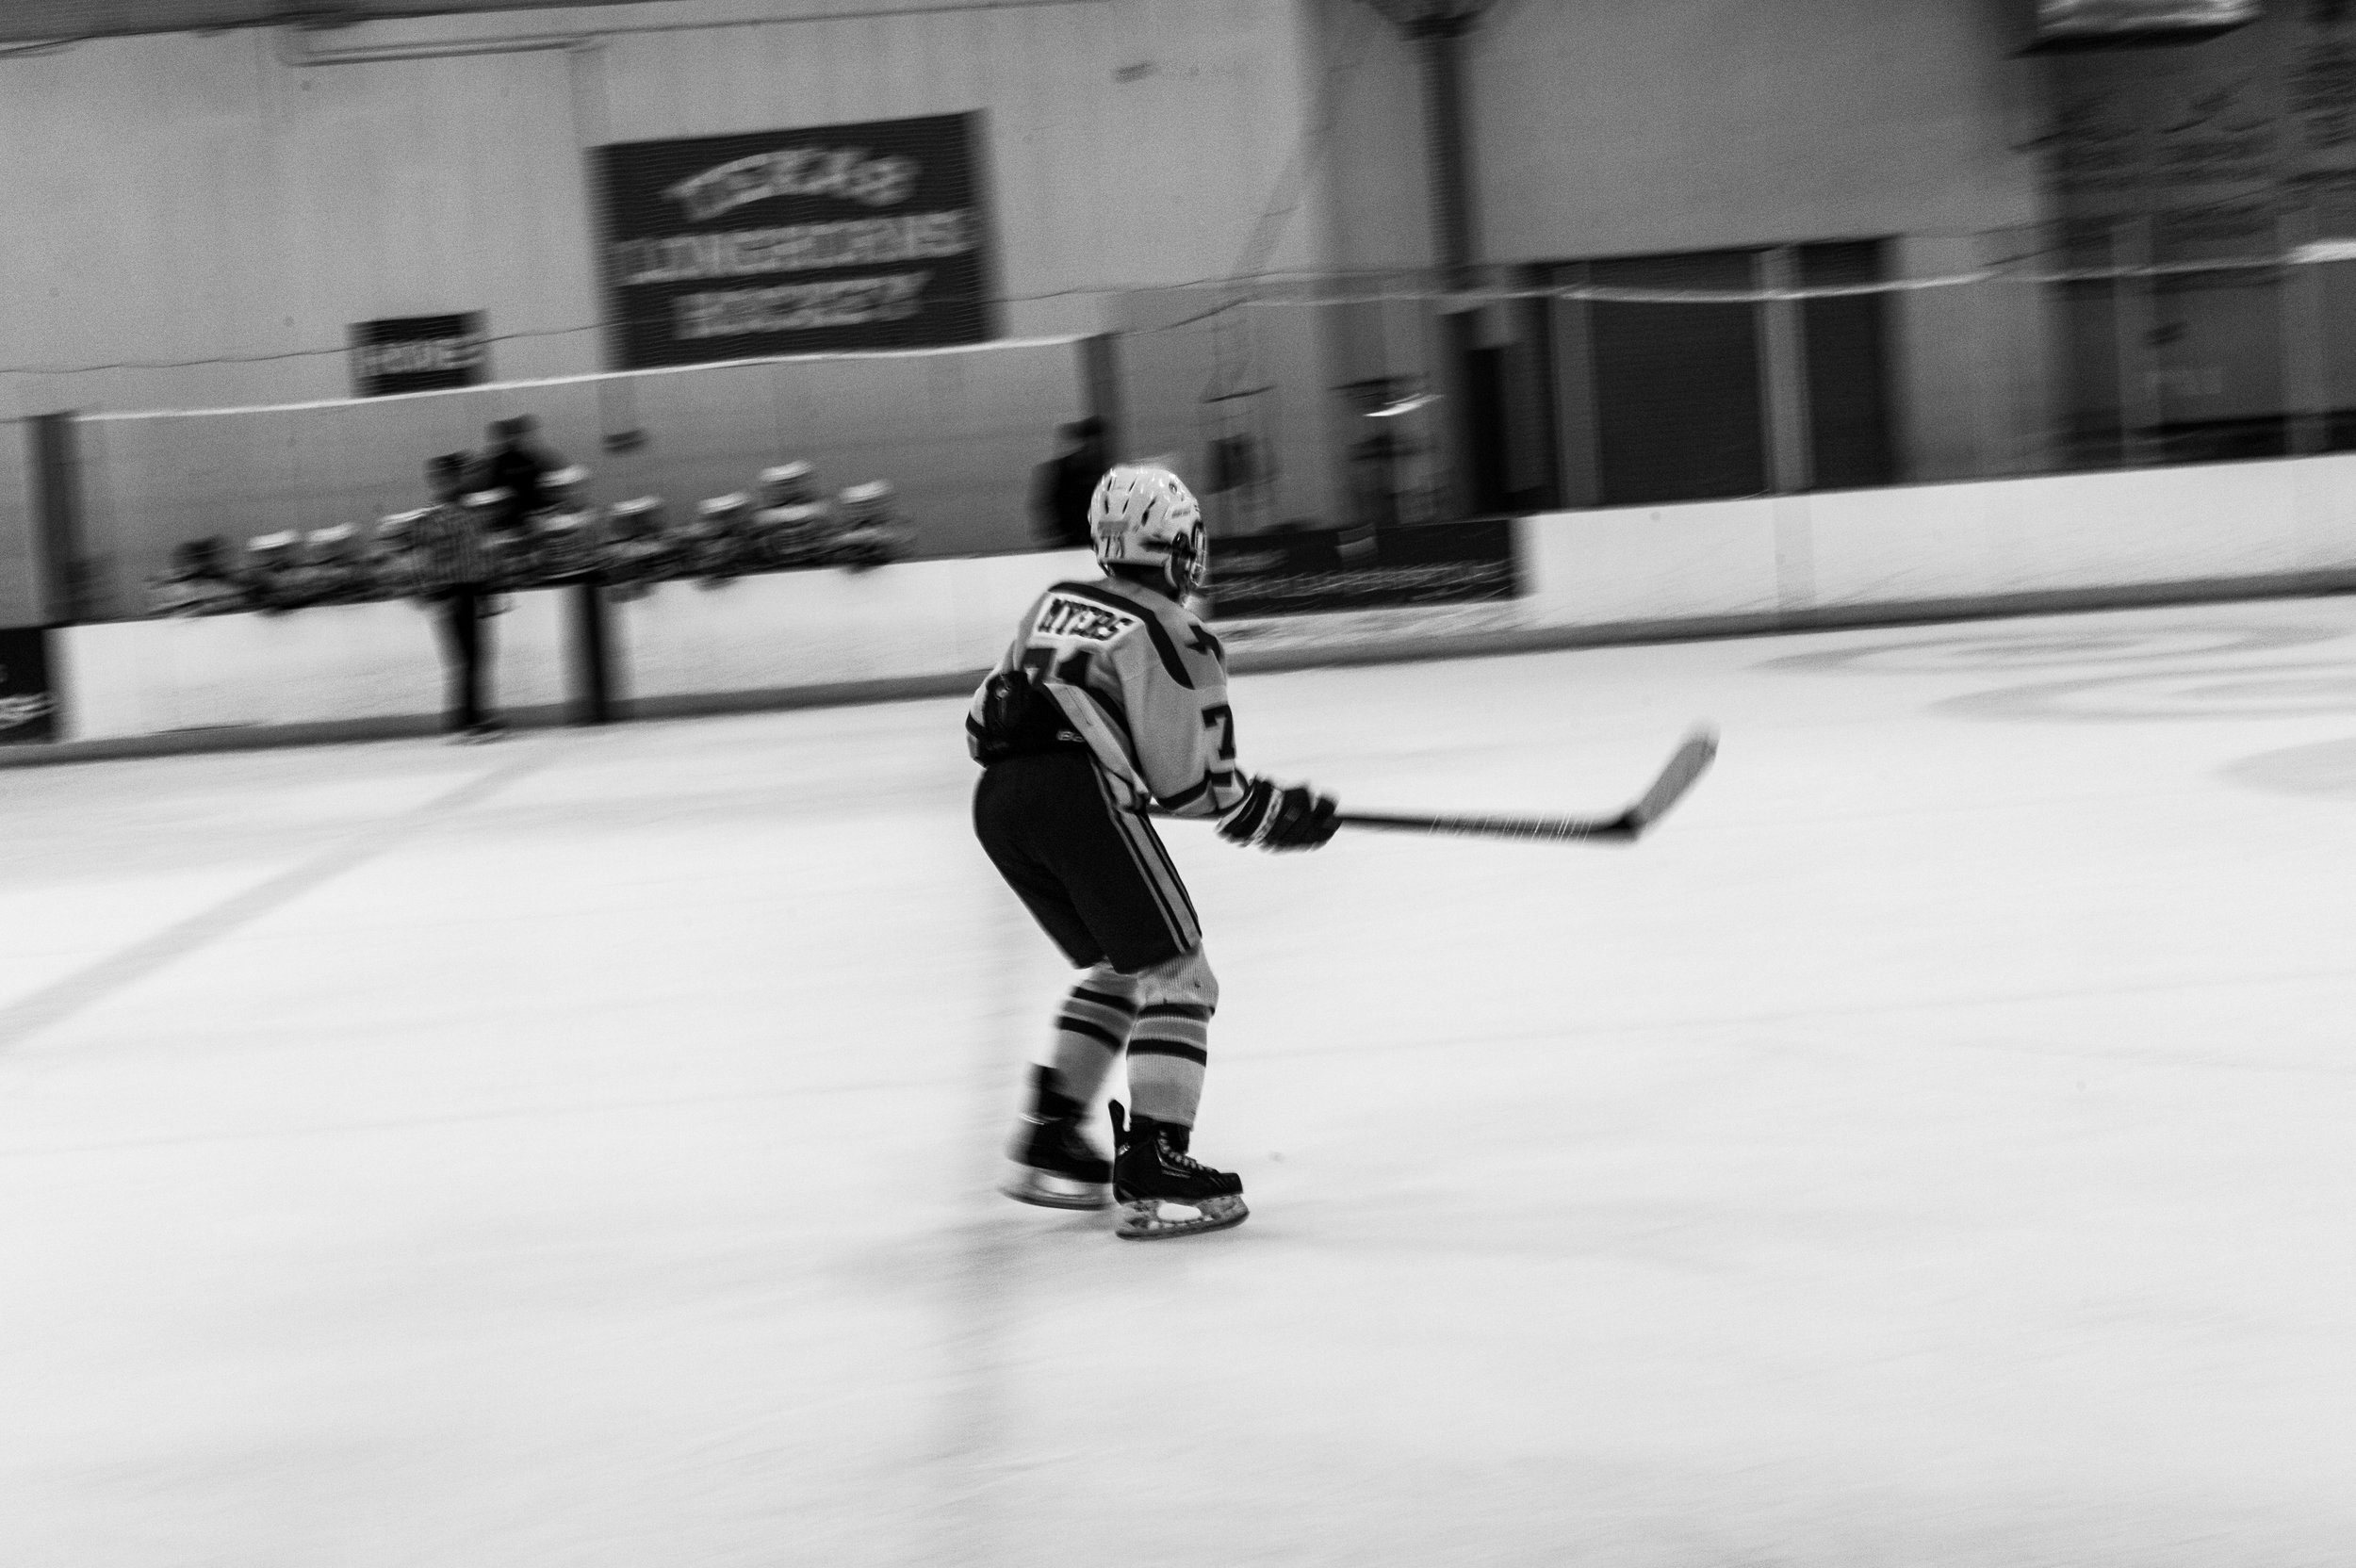 ice_hockey-063.jpg